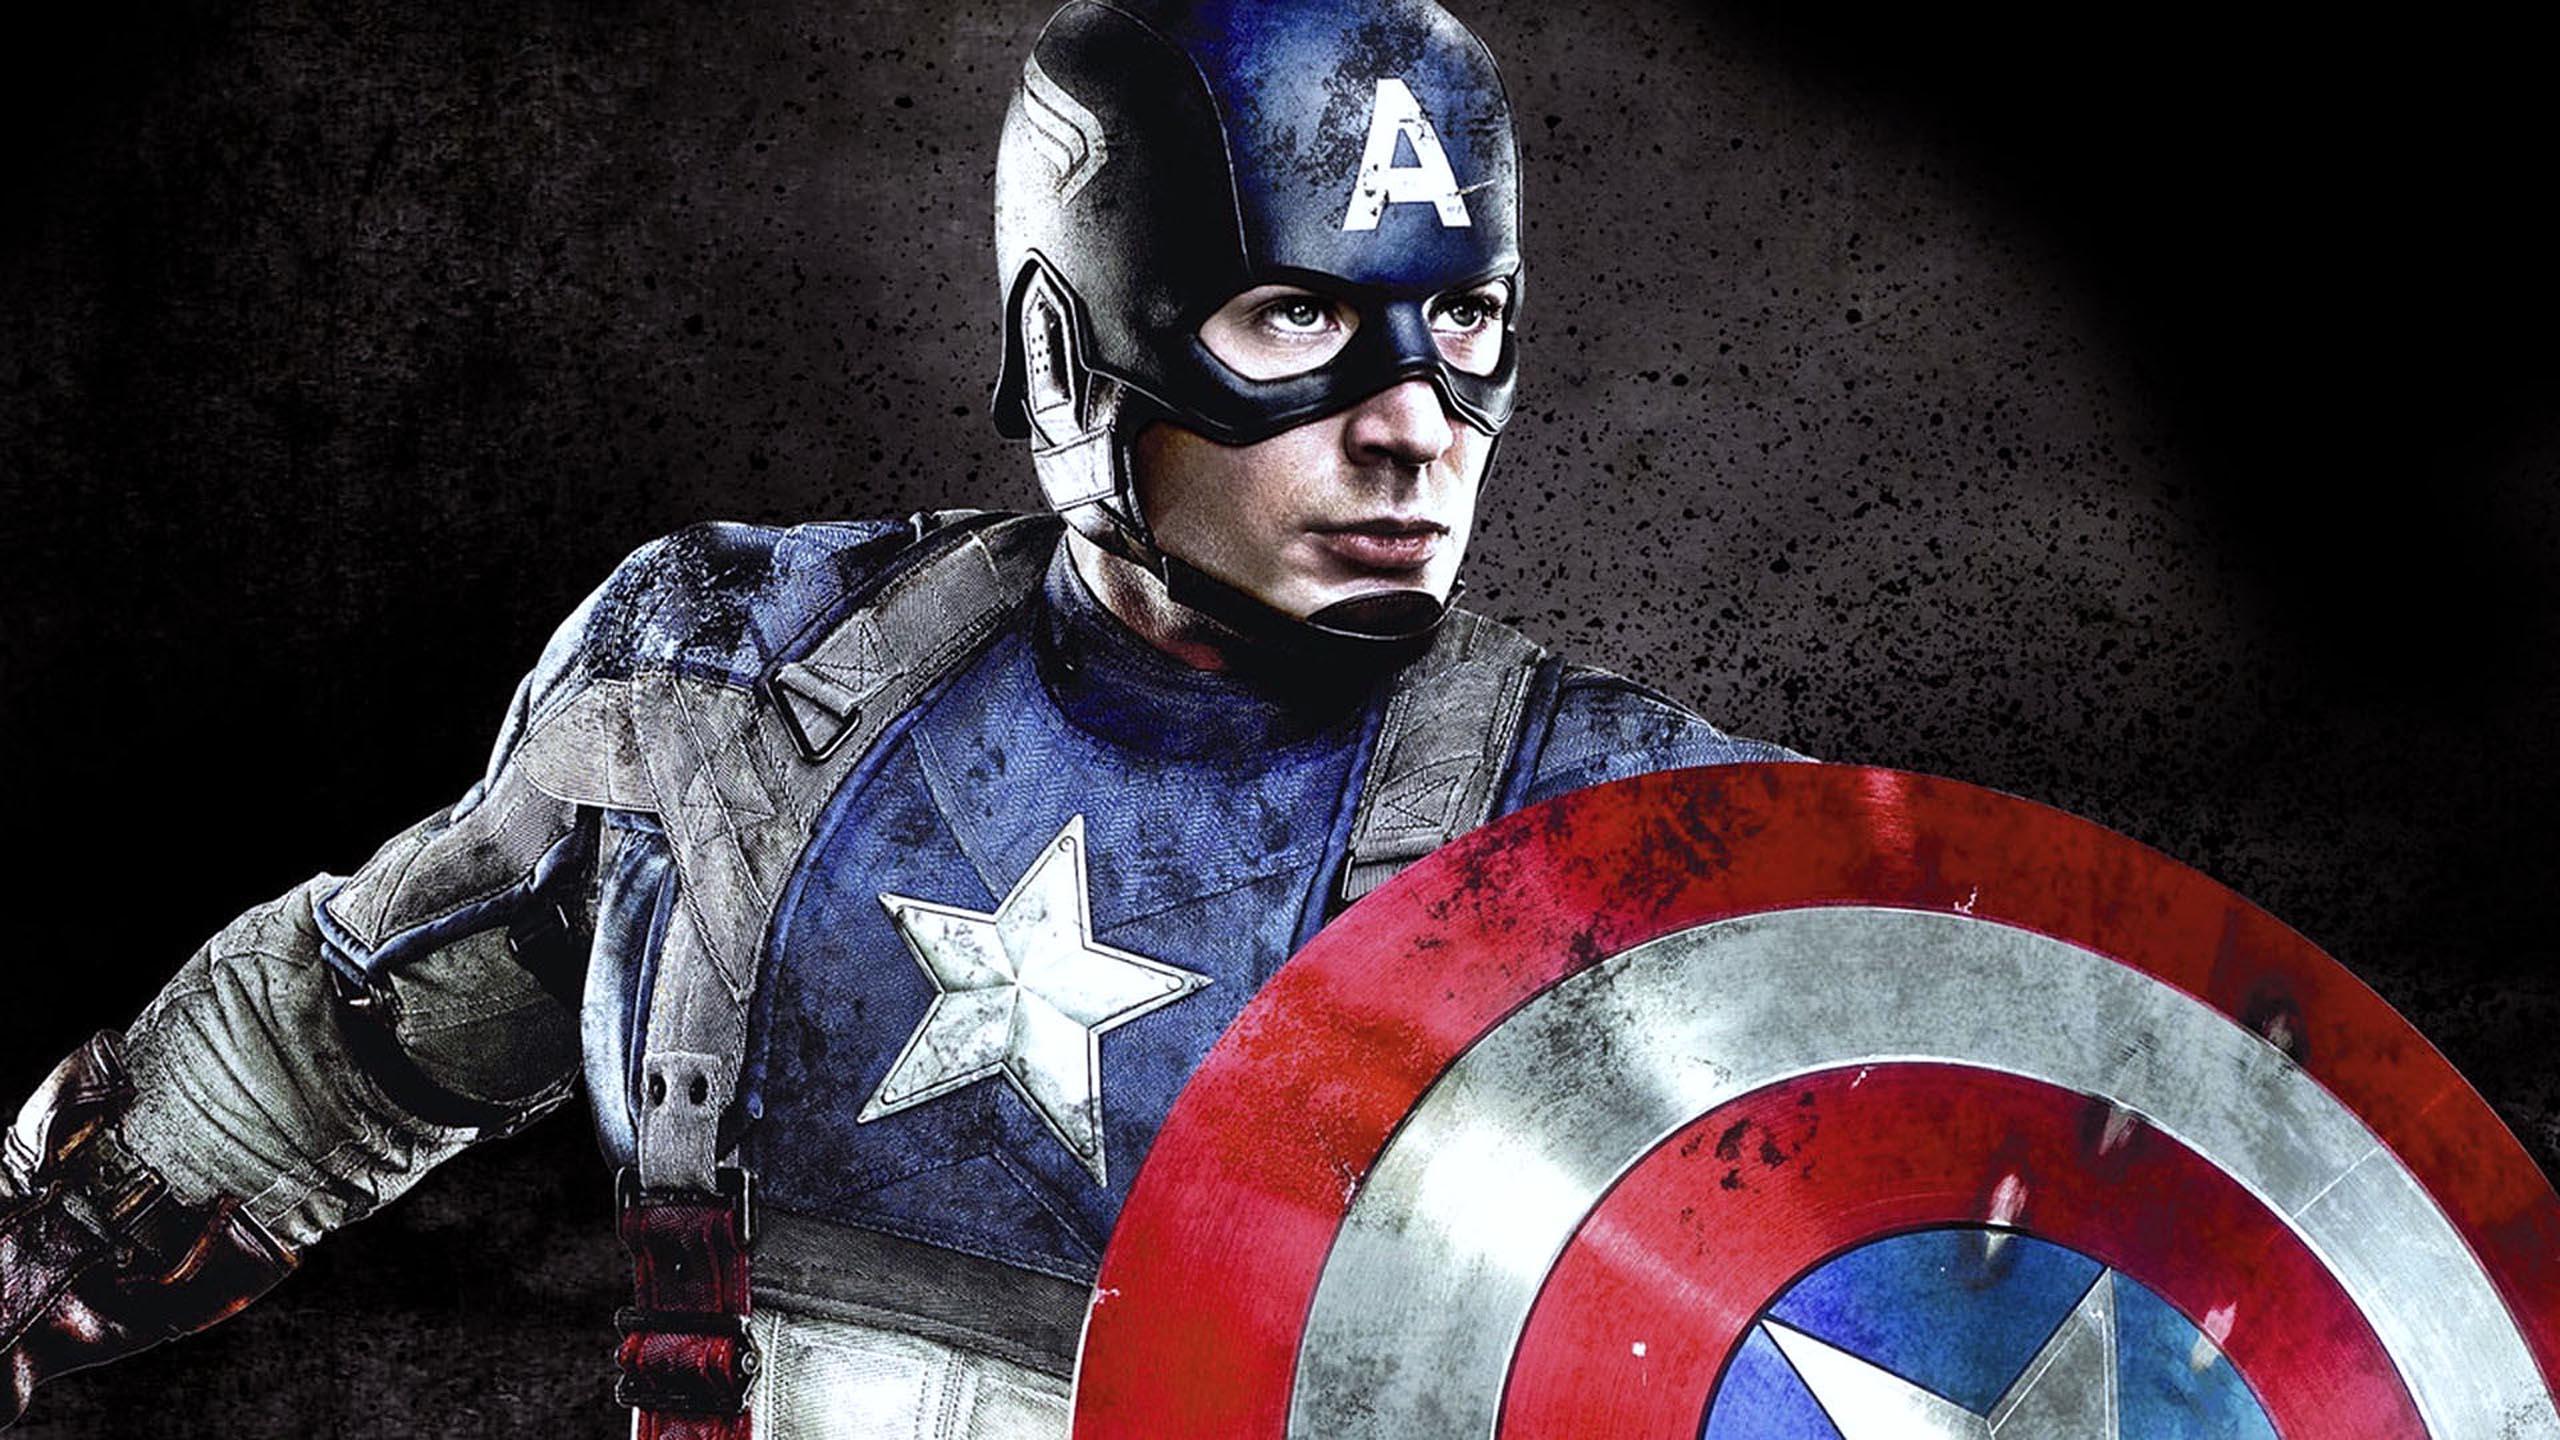 Captain-america-avenger-http-1080-net-captain-america-avenger-html-wallpaper-wpc5803219